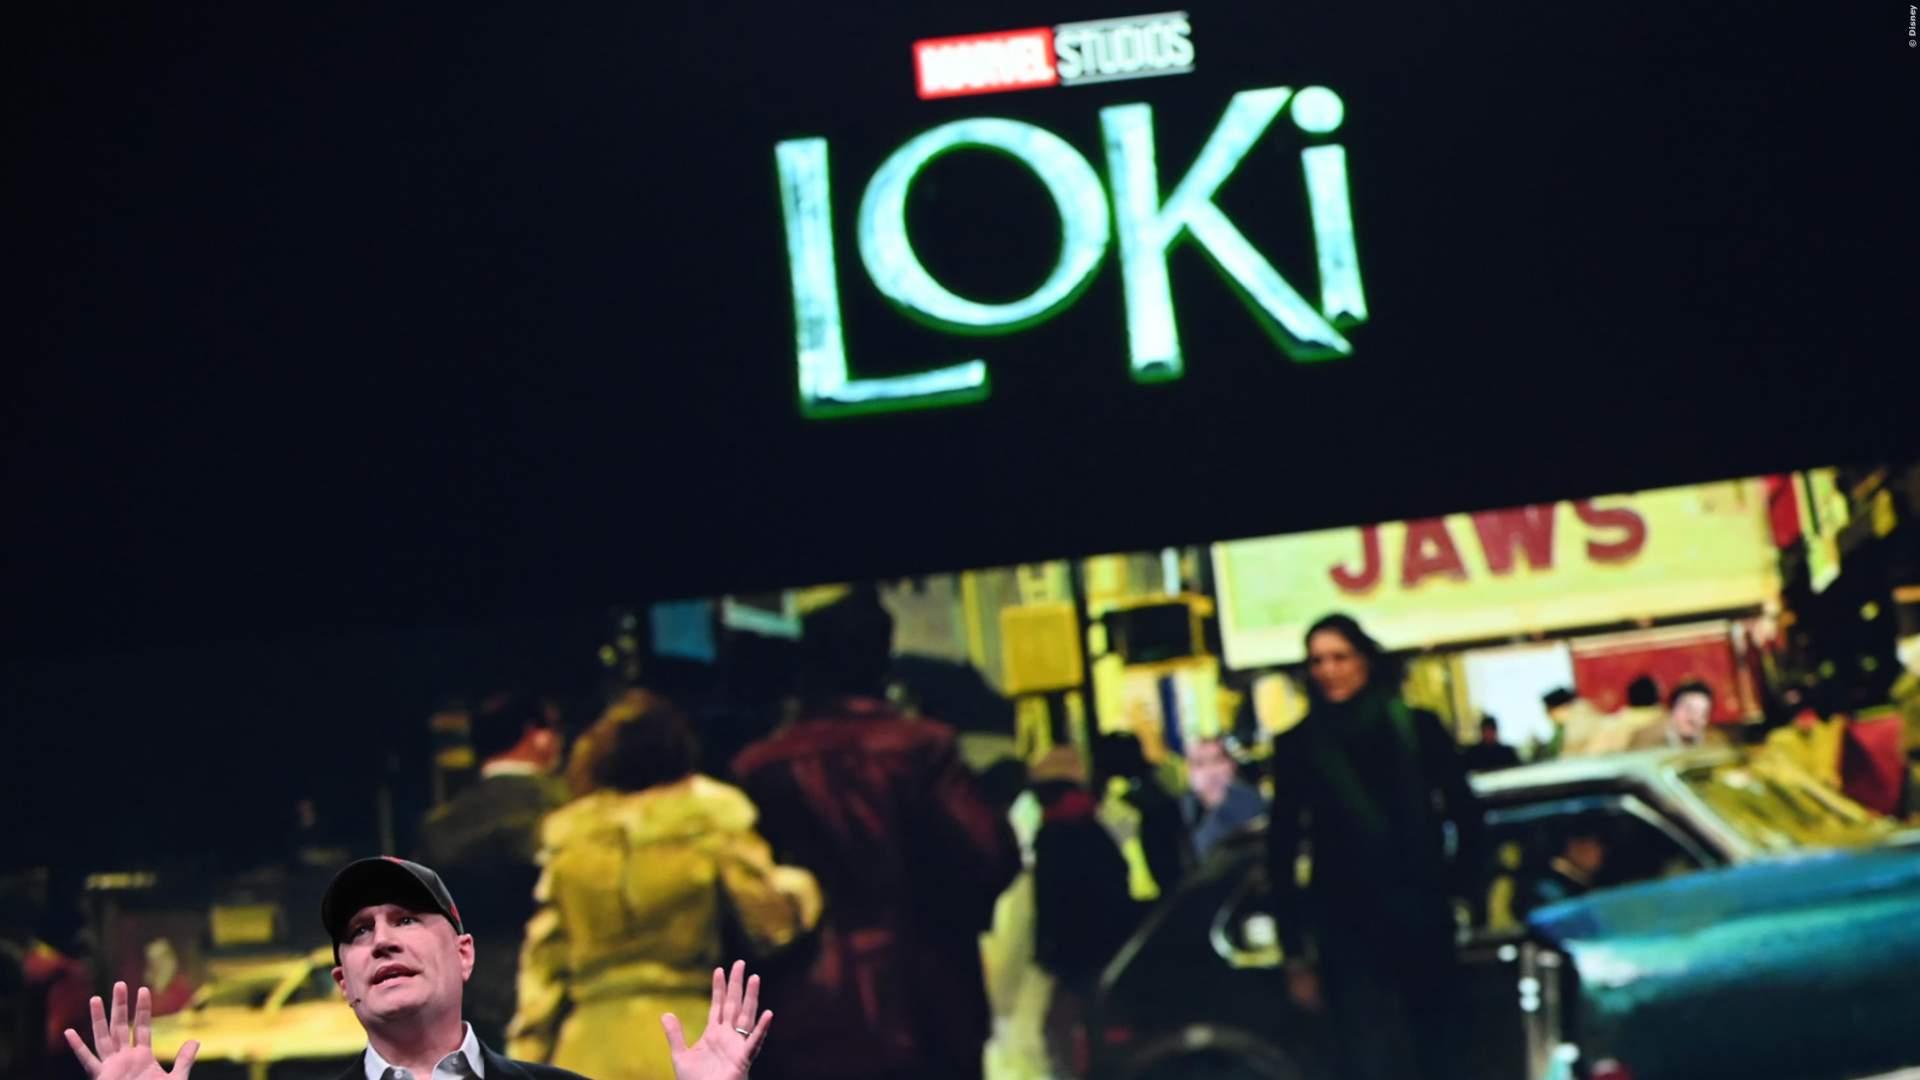 Loki: Erstes Bild zur neuen Marvel-Serie - Bild 1 von 1